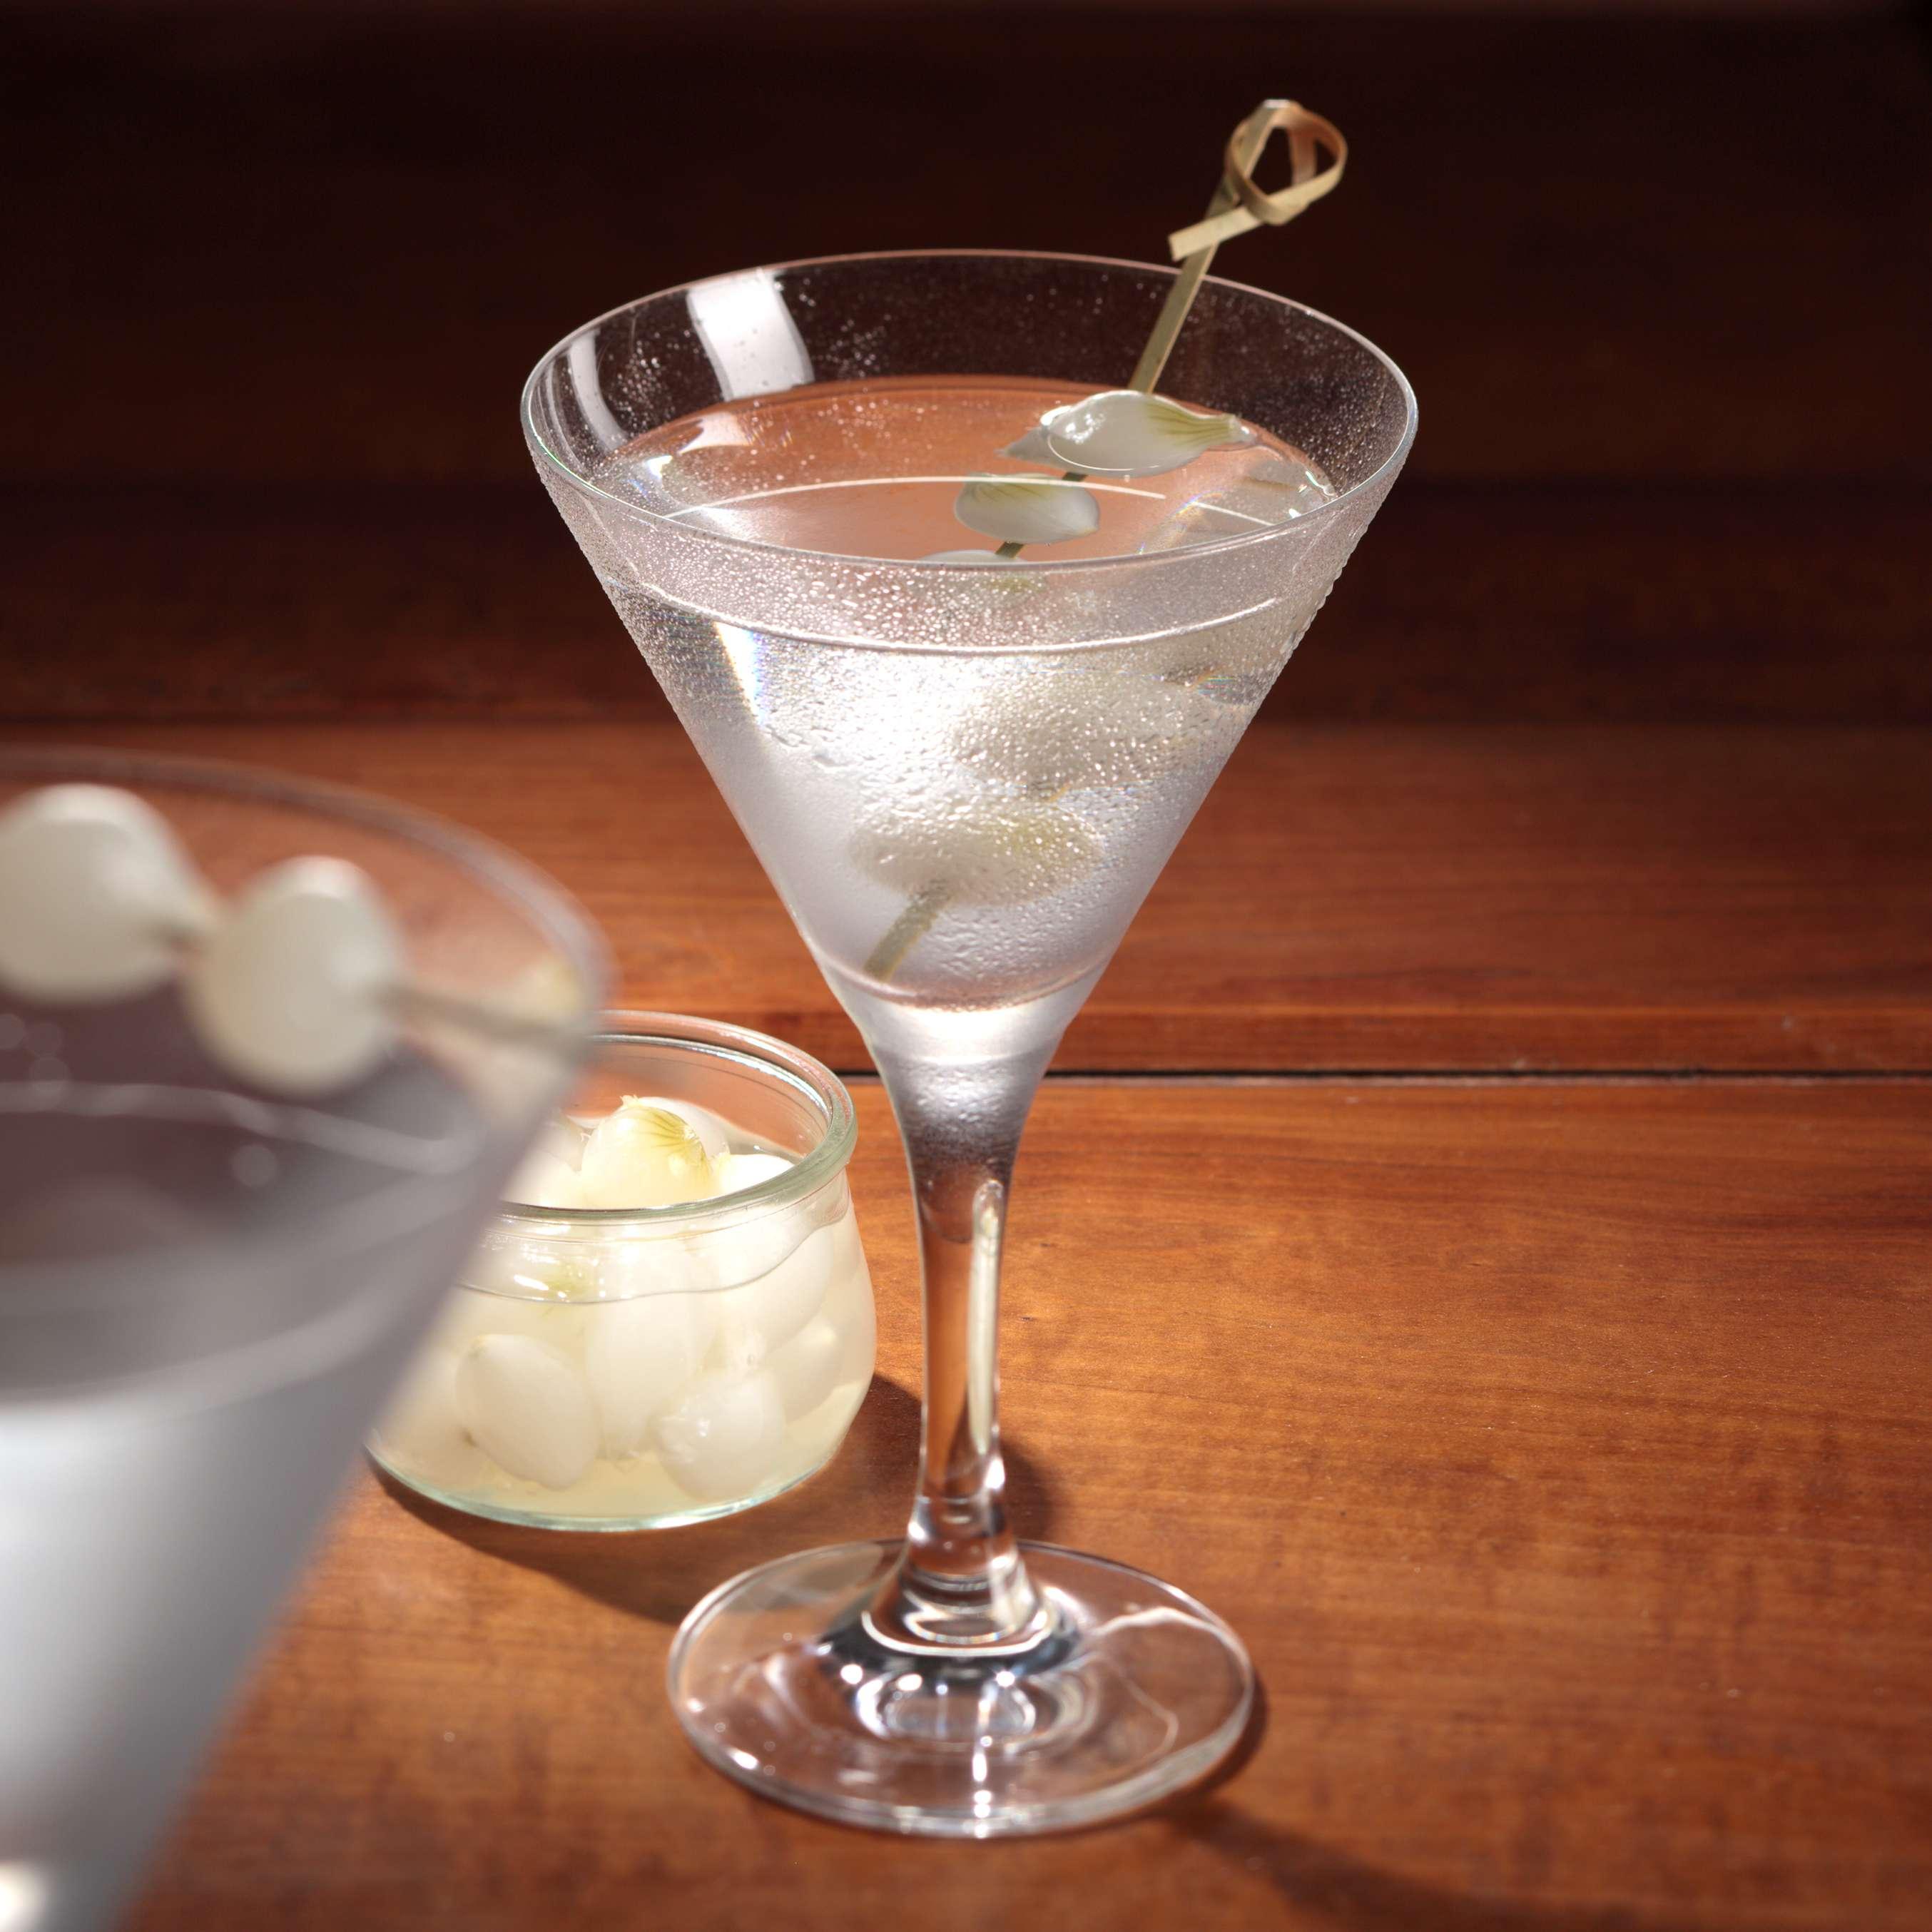 Текила с соком: 5 рецептов коктейлей для вечеринки! – как правильно пить